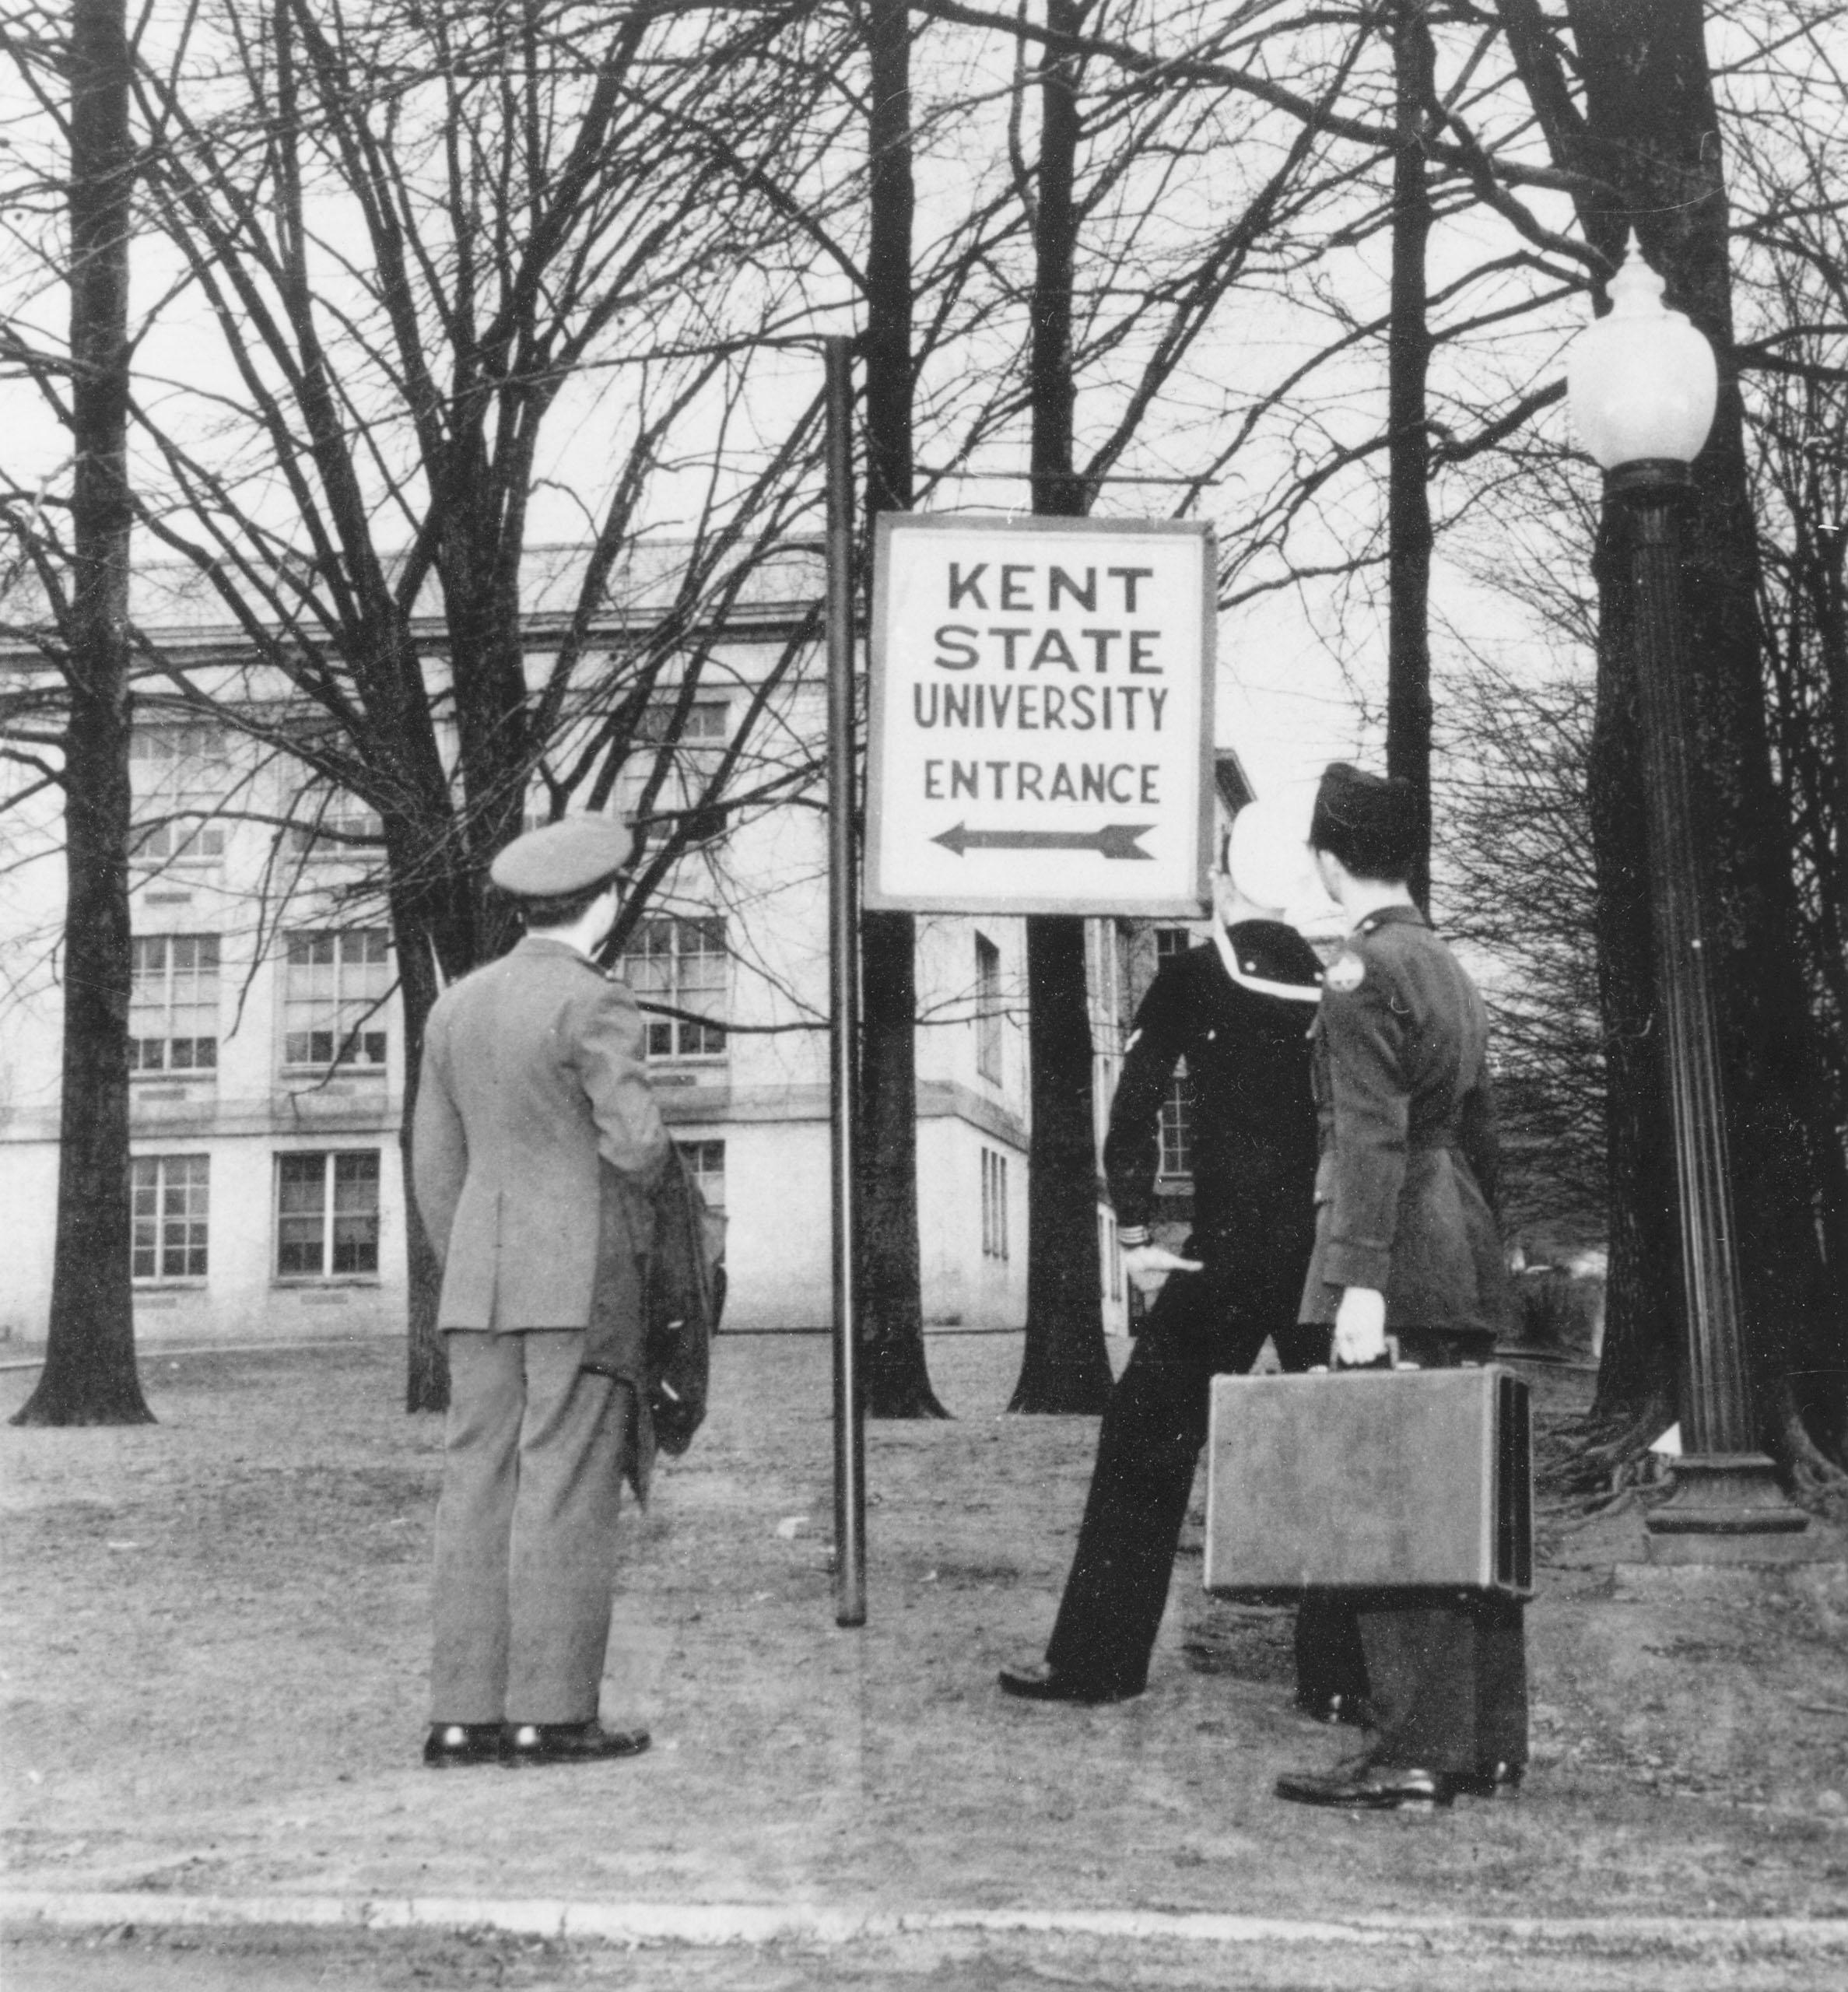 Mid 1940s